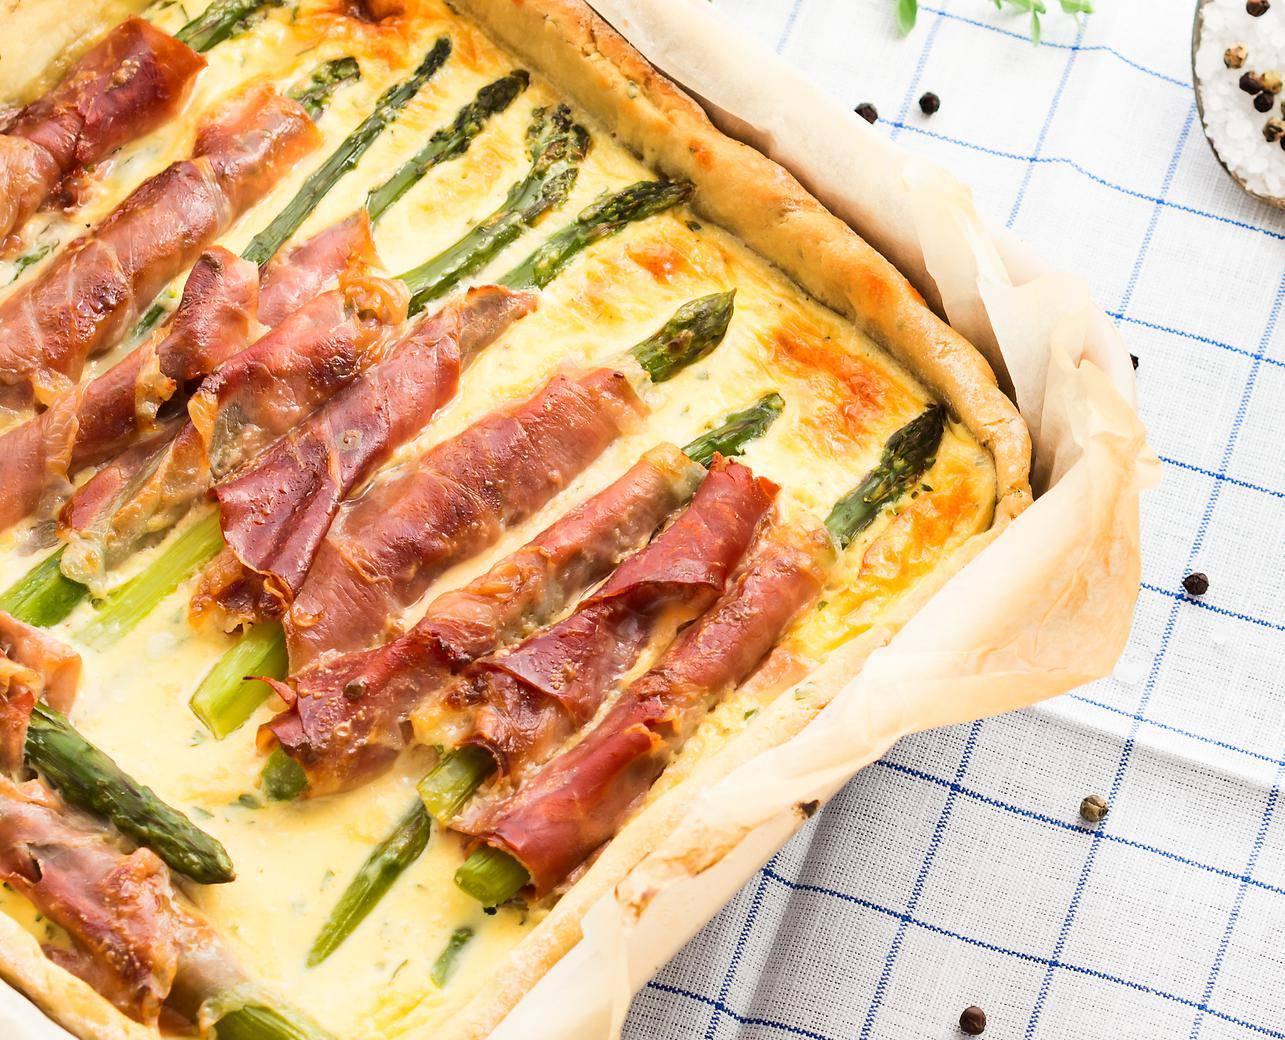 Jednostavno i fino: Napravite pitu sa šparogama i pršutom